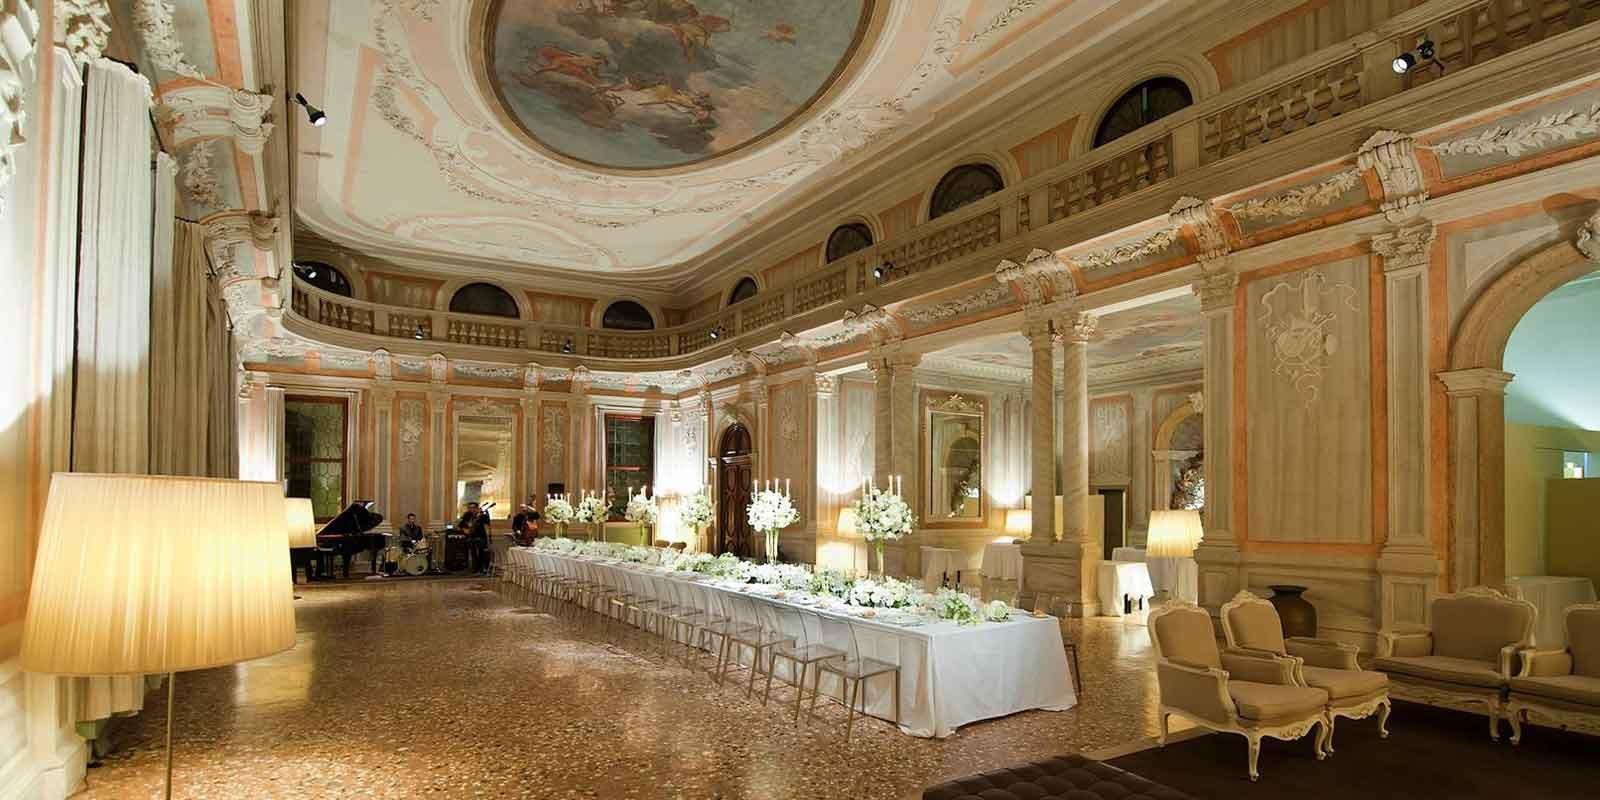 Grand Hotel Italia Sala Foyer : Hotel monaco grand canal venice partners orizzonte